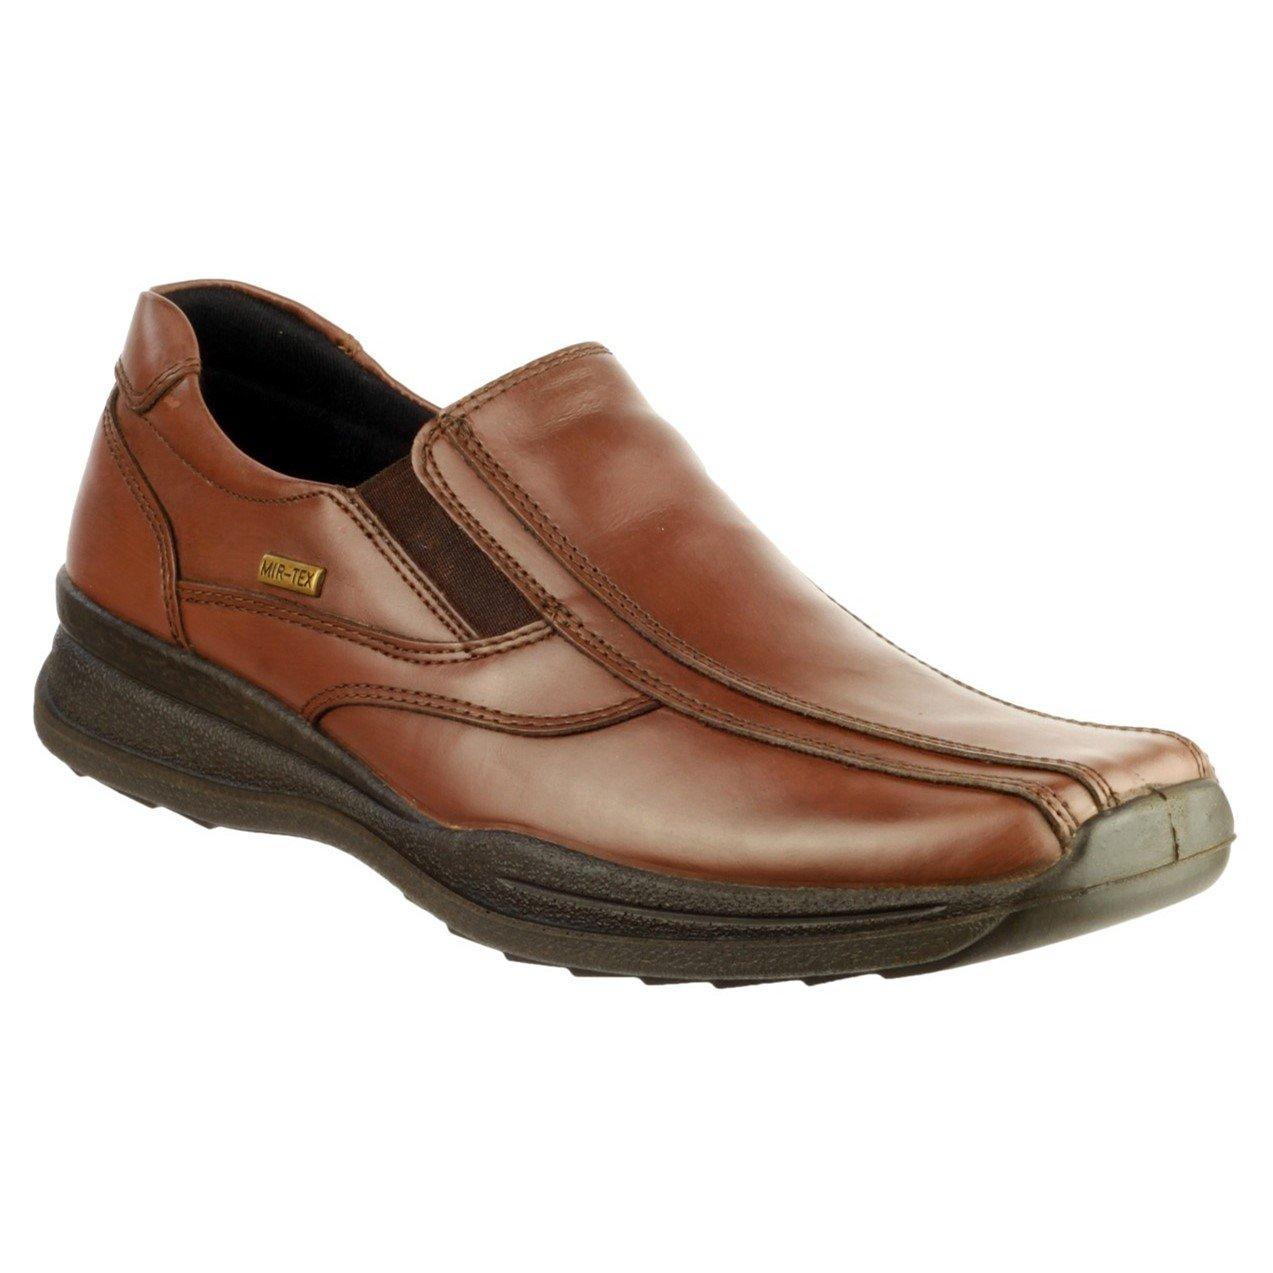 Cotswold Men's Naunton 2 Casual Shoe Various Colours 32969 - Brown 6